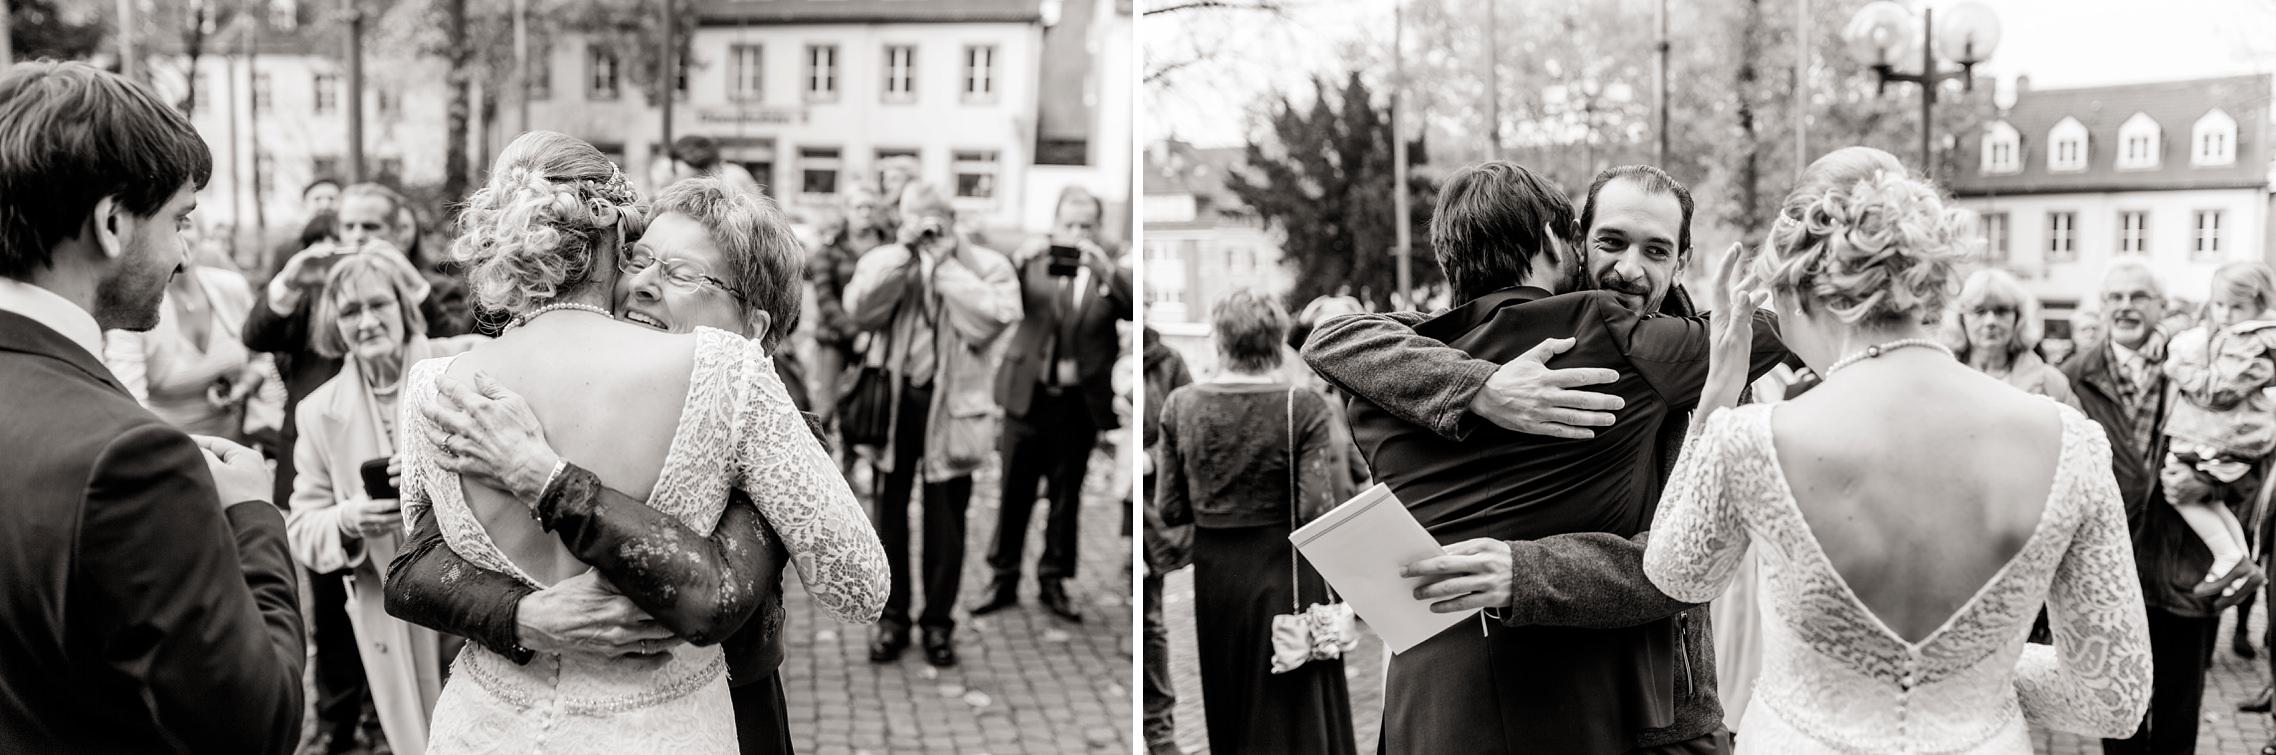 Emotionale Gratulationen der Familienmitglieder nach der Trauung in der Basilika in Werden